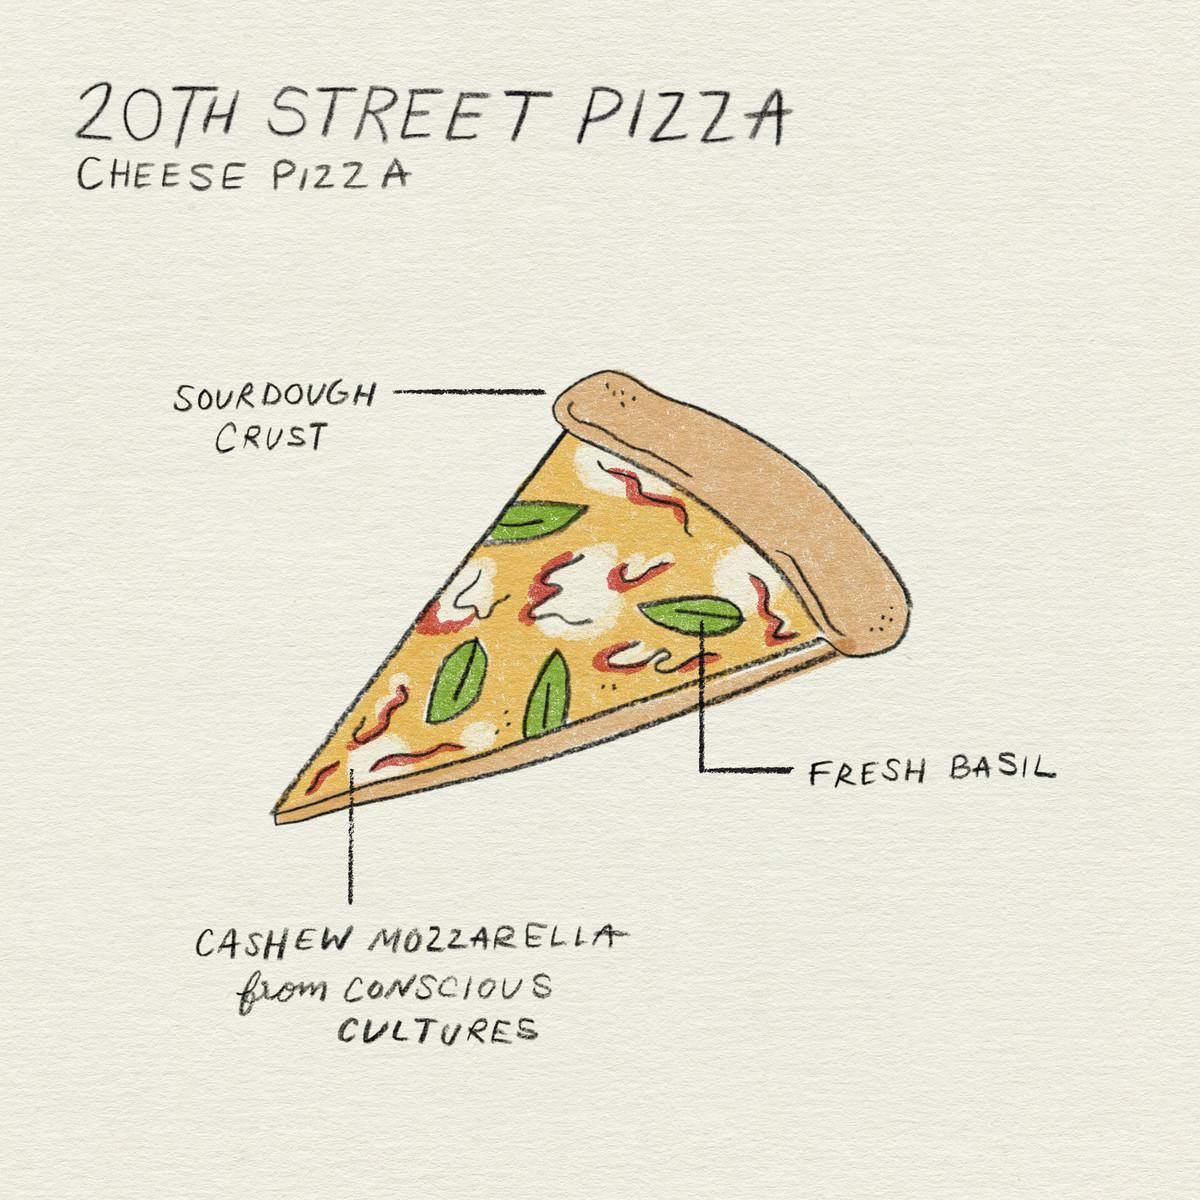 hình minh họa một lát bánh pizza từ tiệm pizza phố 20